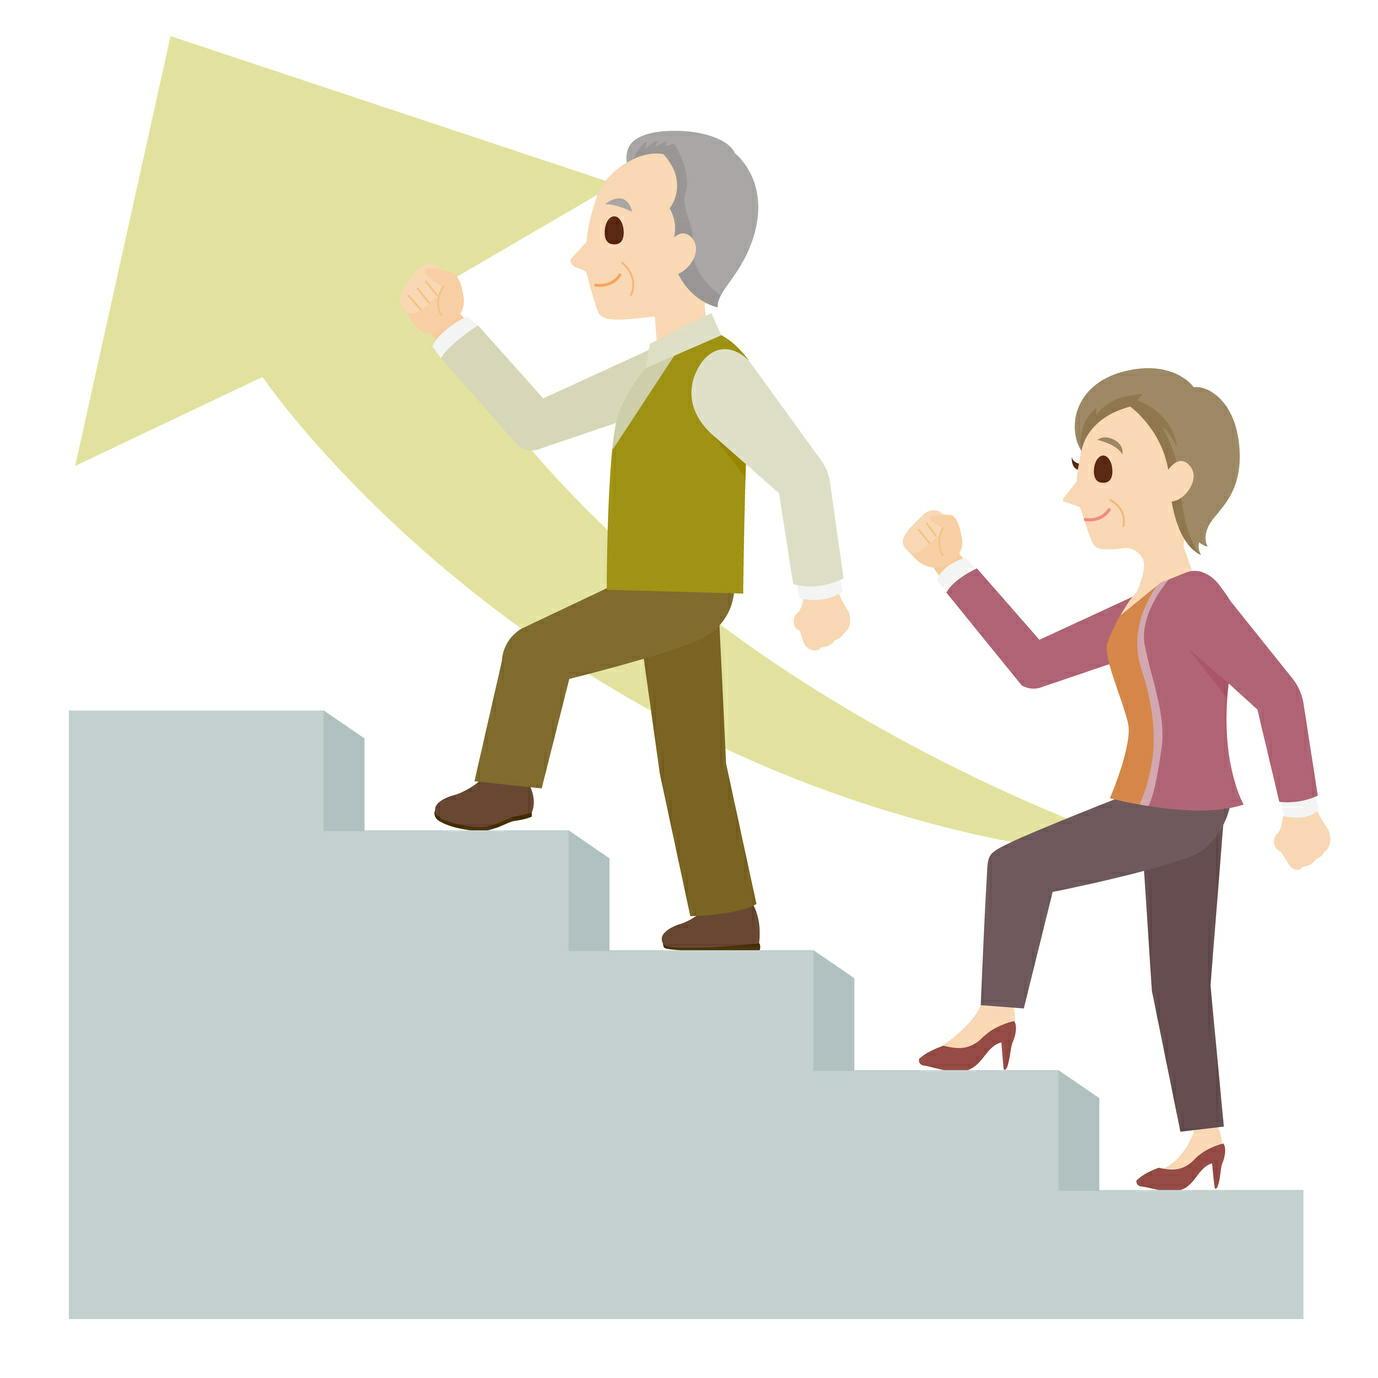 わずか10分の「階段昇降」が実践的な運動に 階段なら続けられる